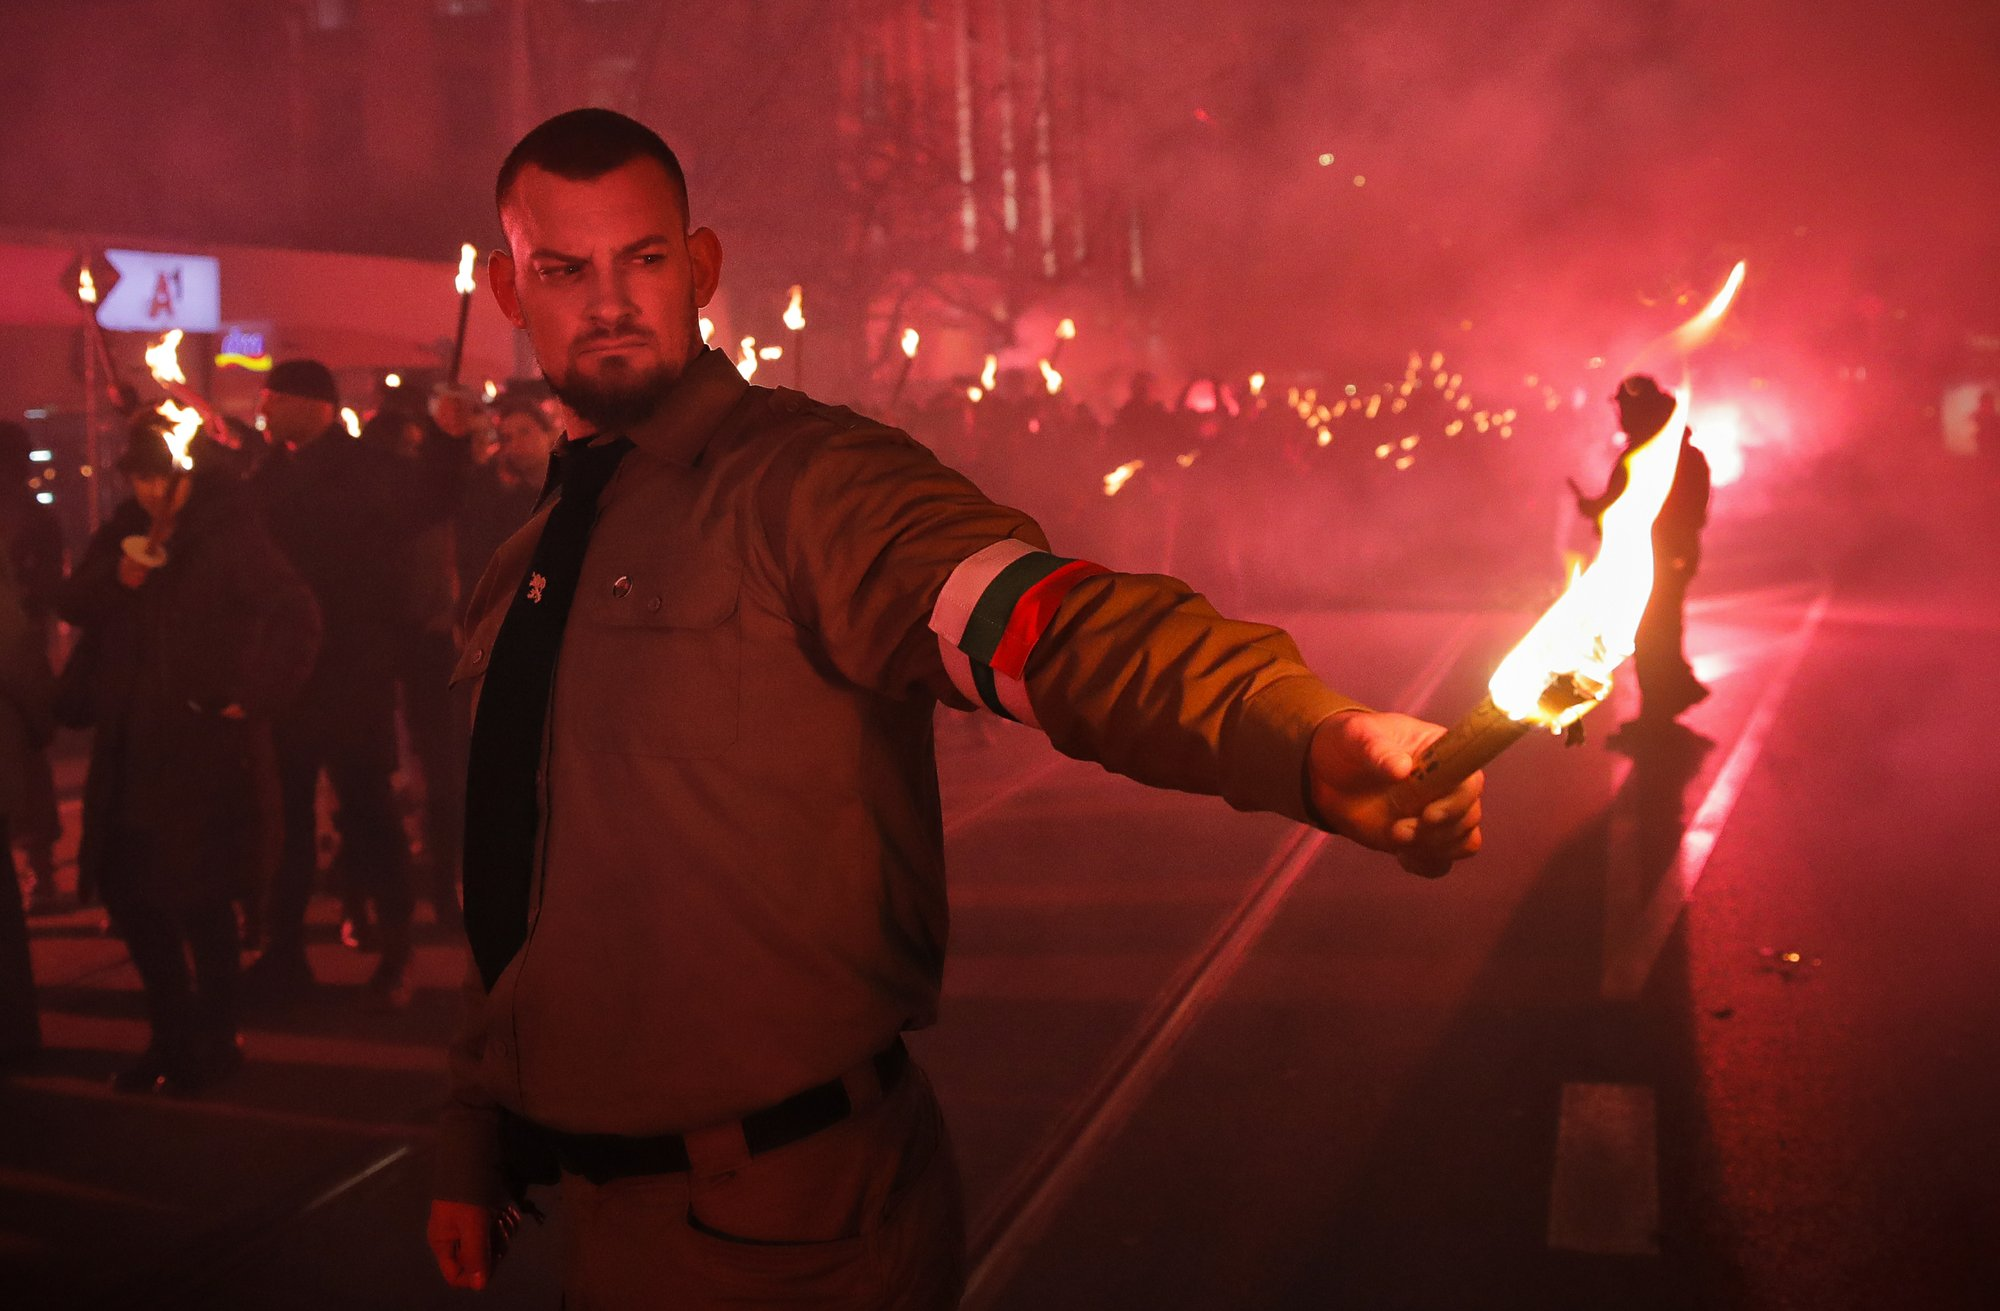 Εθνικιστές στη Βουλγαρία κάνουν πορεία τιμώντας φιλο-Ναζί στρατηγό